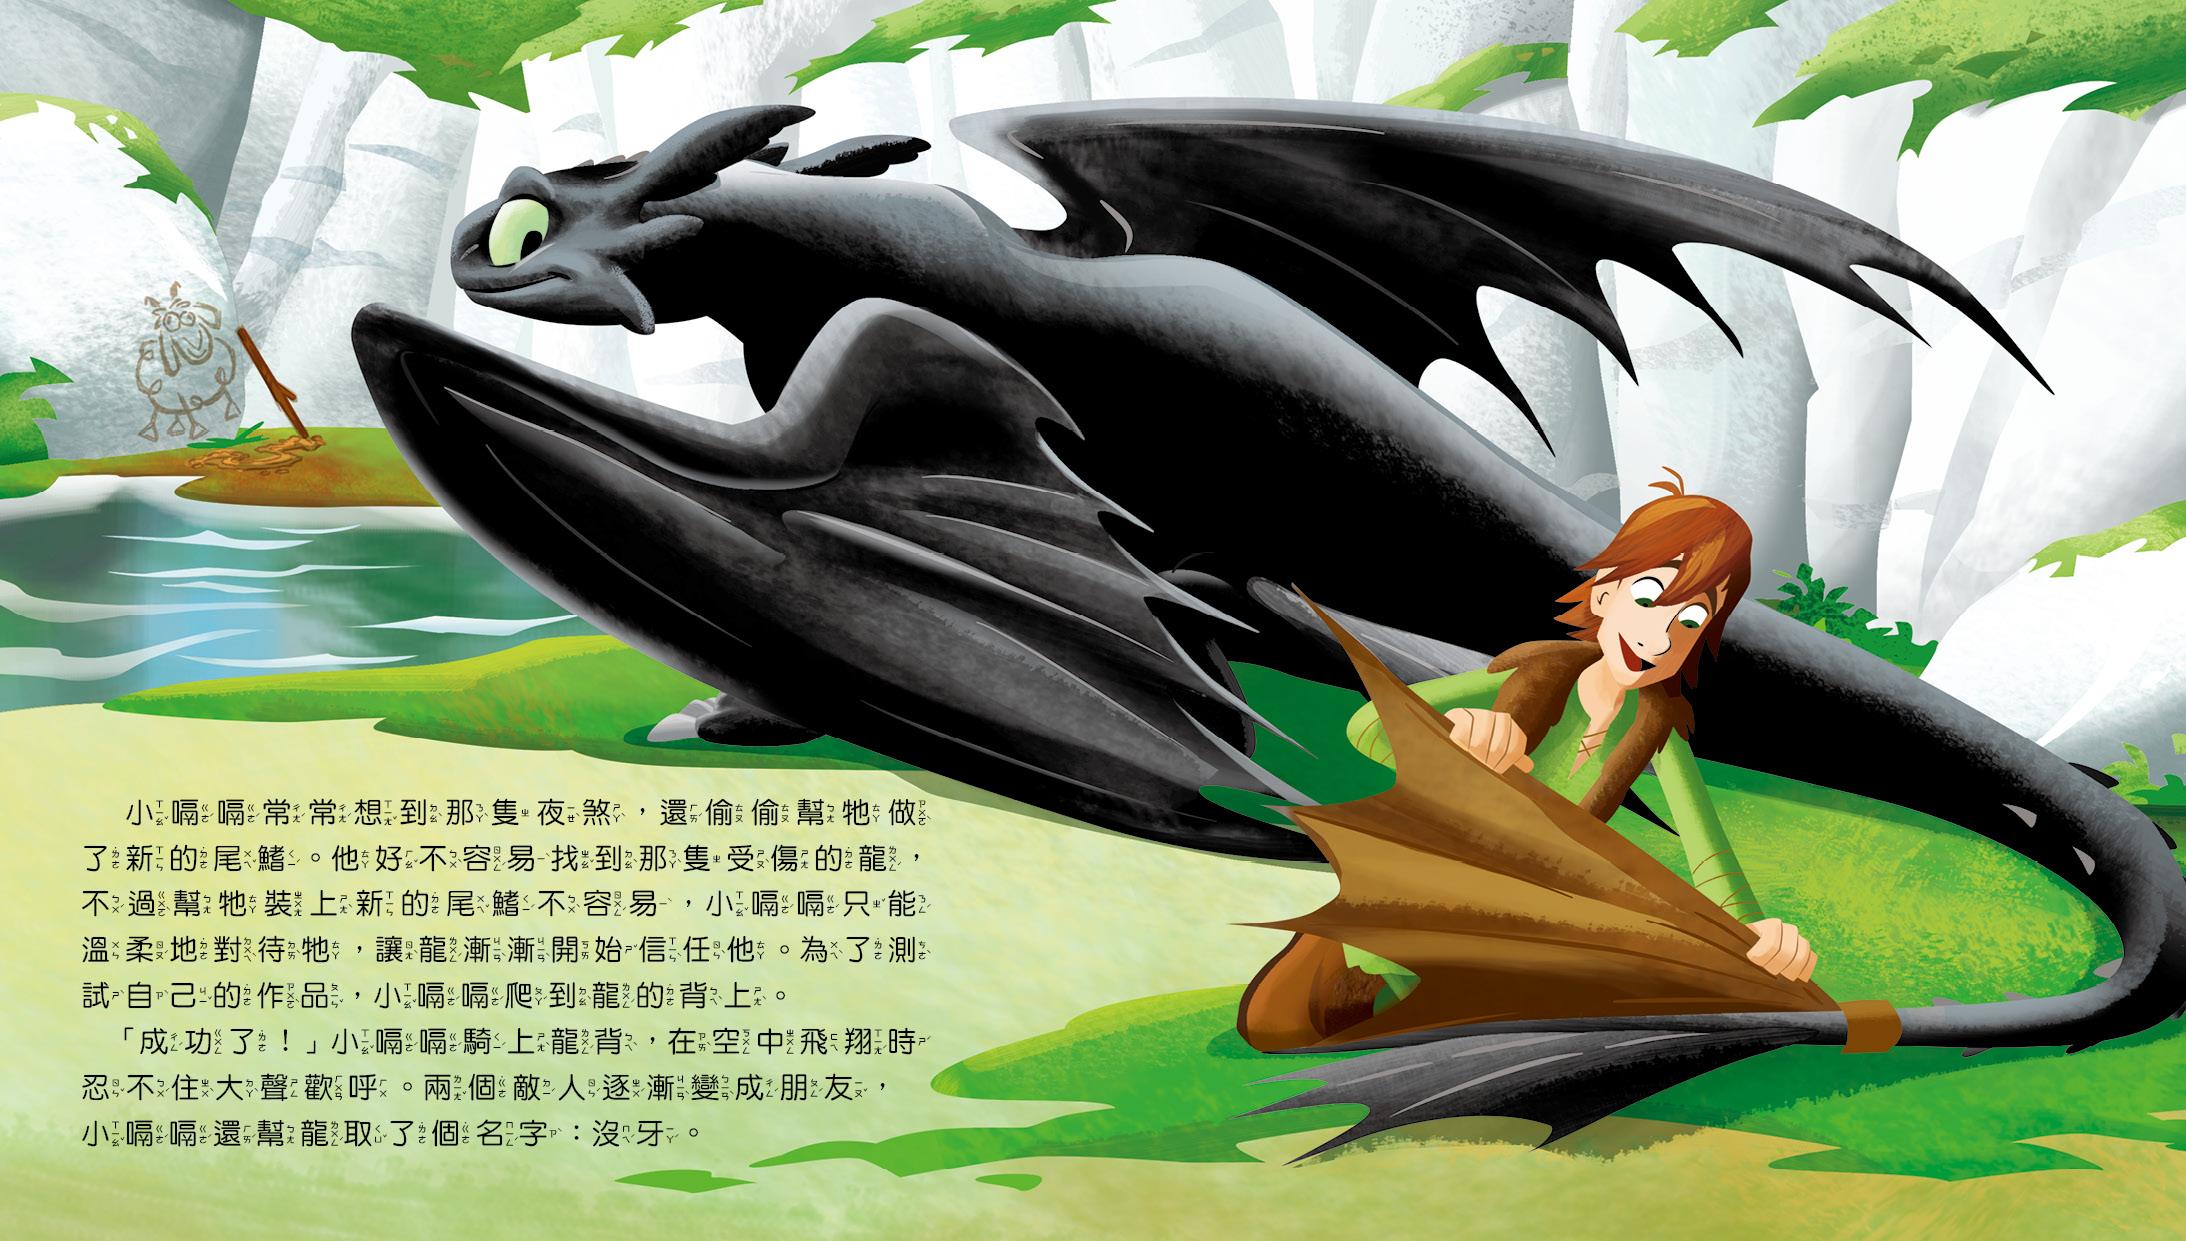 環球影業官方授權童書繪本 《馴龍高手故事繪本1:夢想的起點》 長得瘦弱矮小,就註定失敗了嗎? Iooyie10